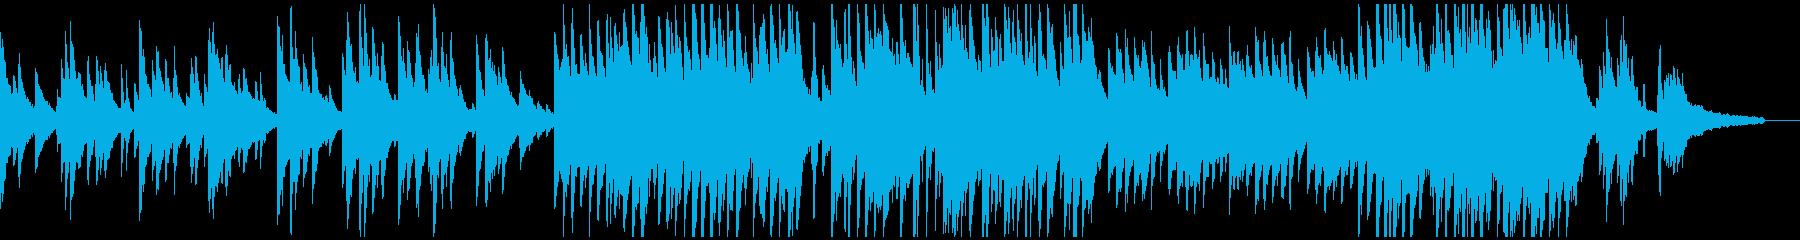 感動シーン優しく包むようなピアノバラードの再生済みの波形